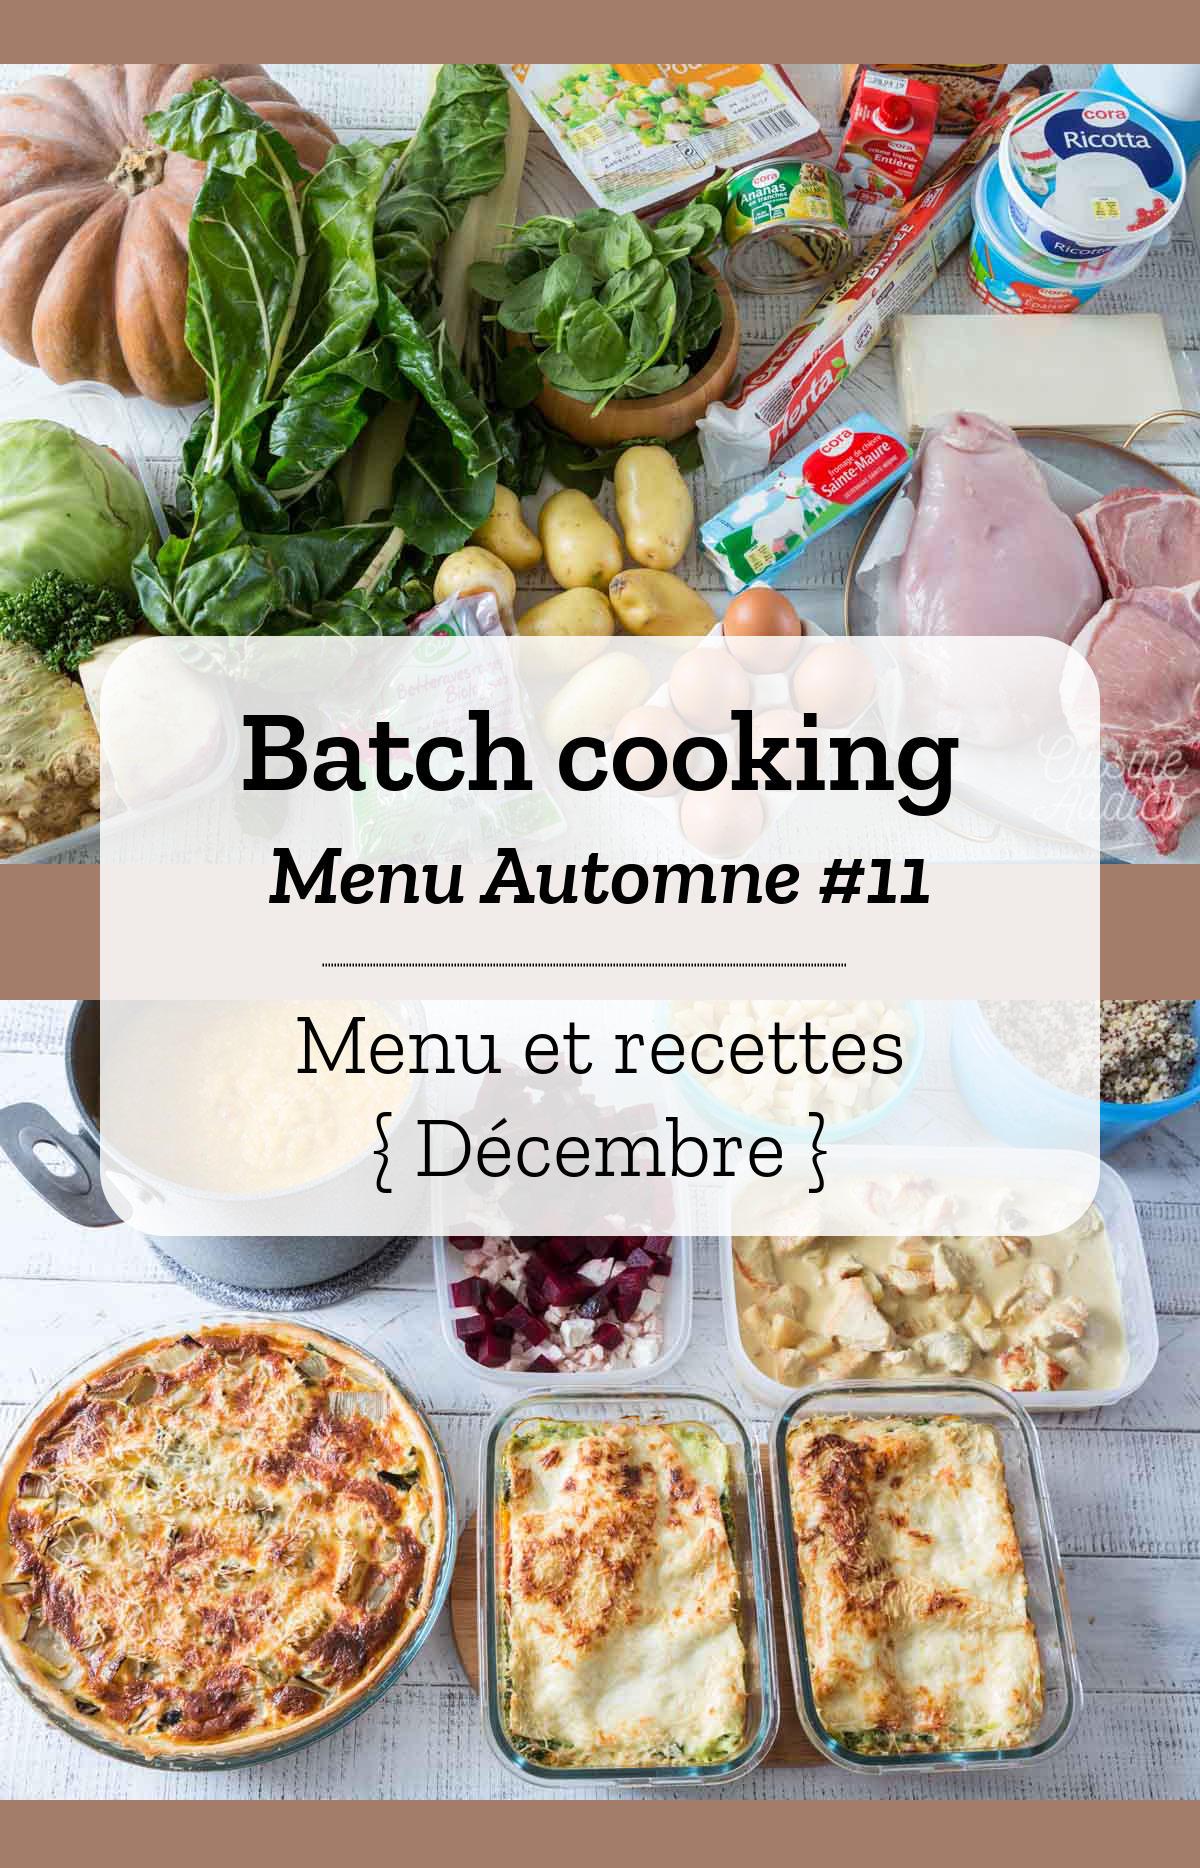 Batch cooking Automne #11 – Mois de Décembre – Semaine 49